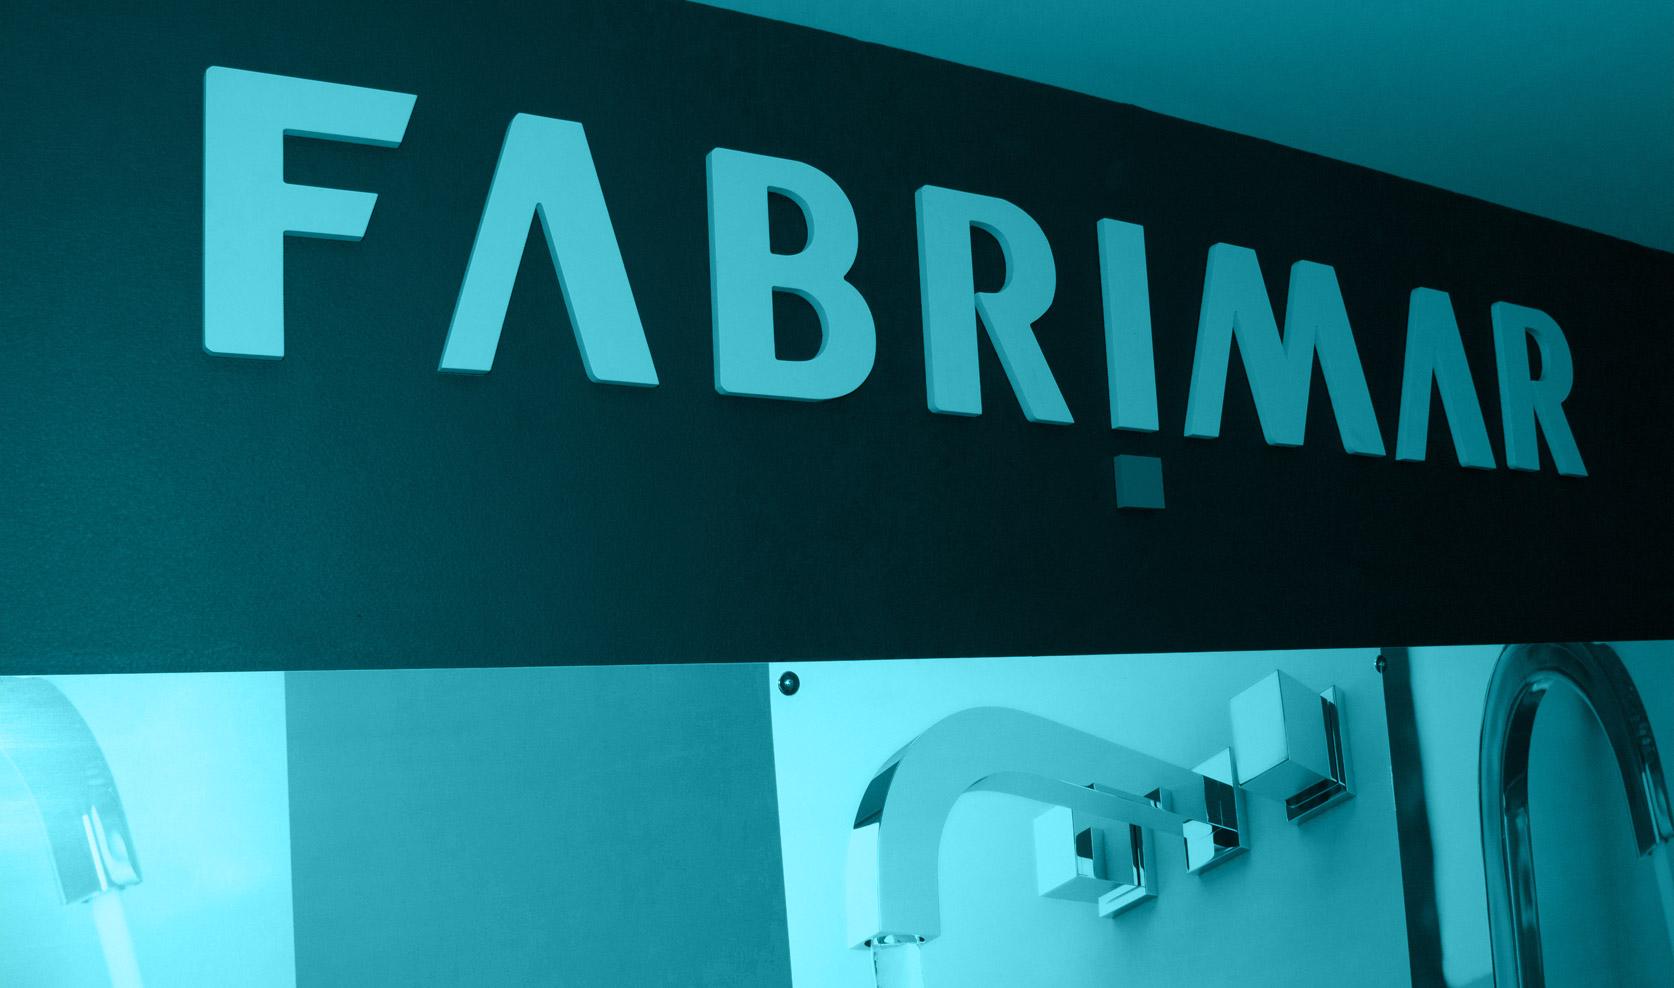 Quem Somos A Fabrimar Fabrimar #005059 1674x988 Acessorios Banheiro Fabrimar